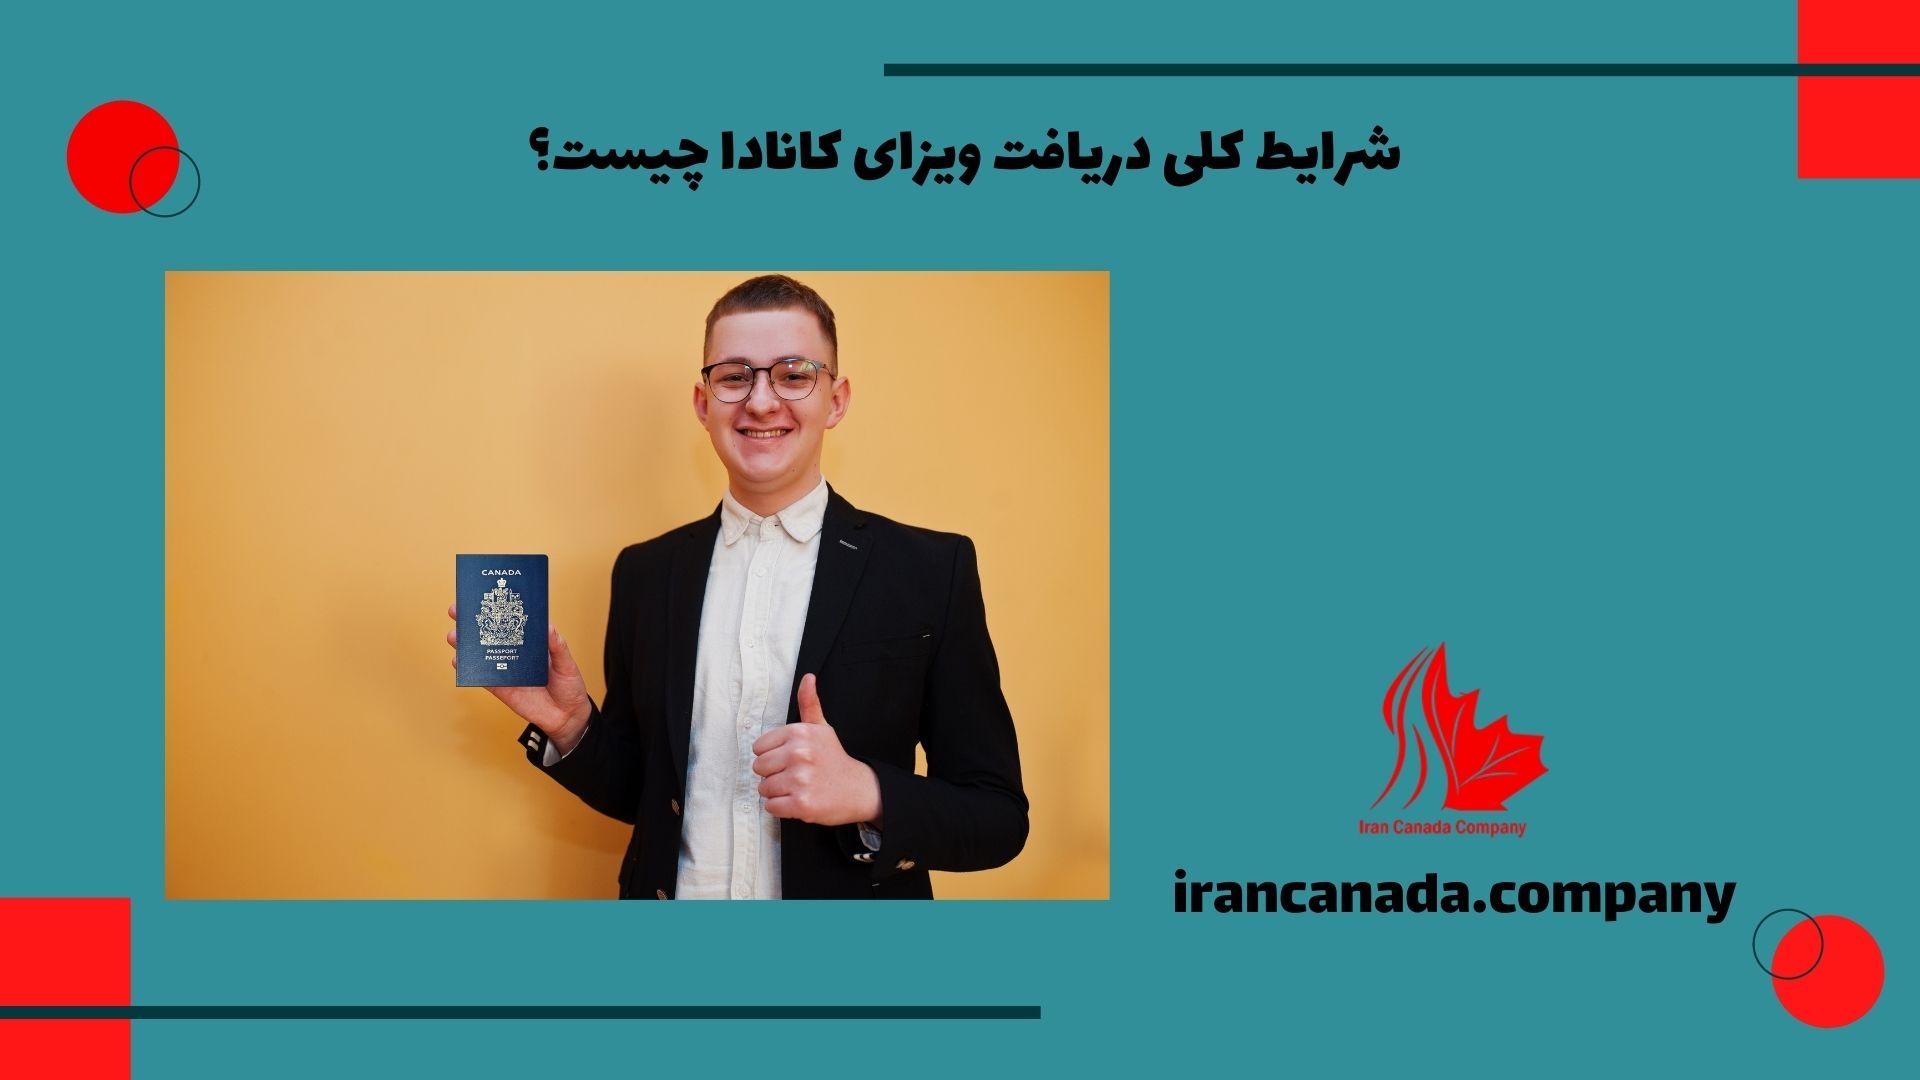 شرایط کلی دریافت ویزای کانادا چیست؟